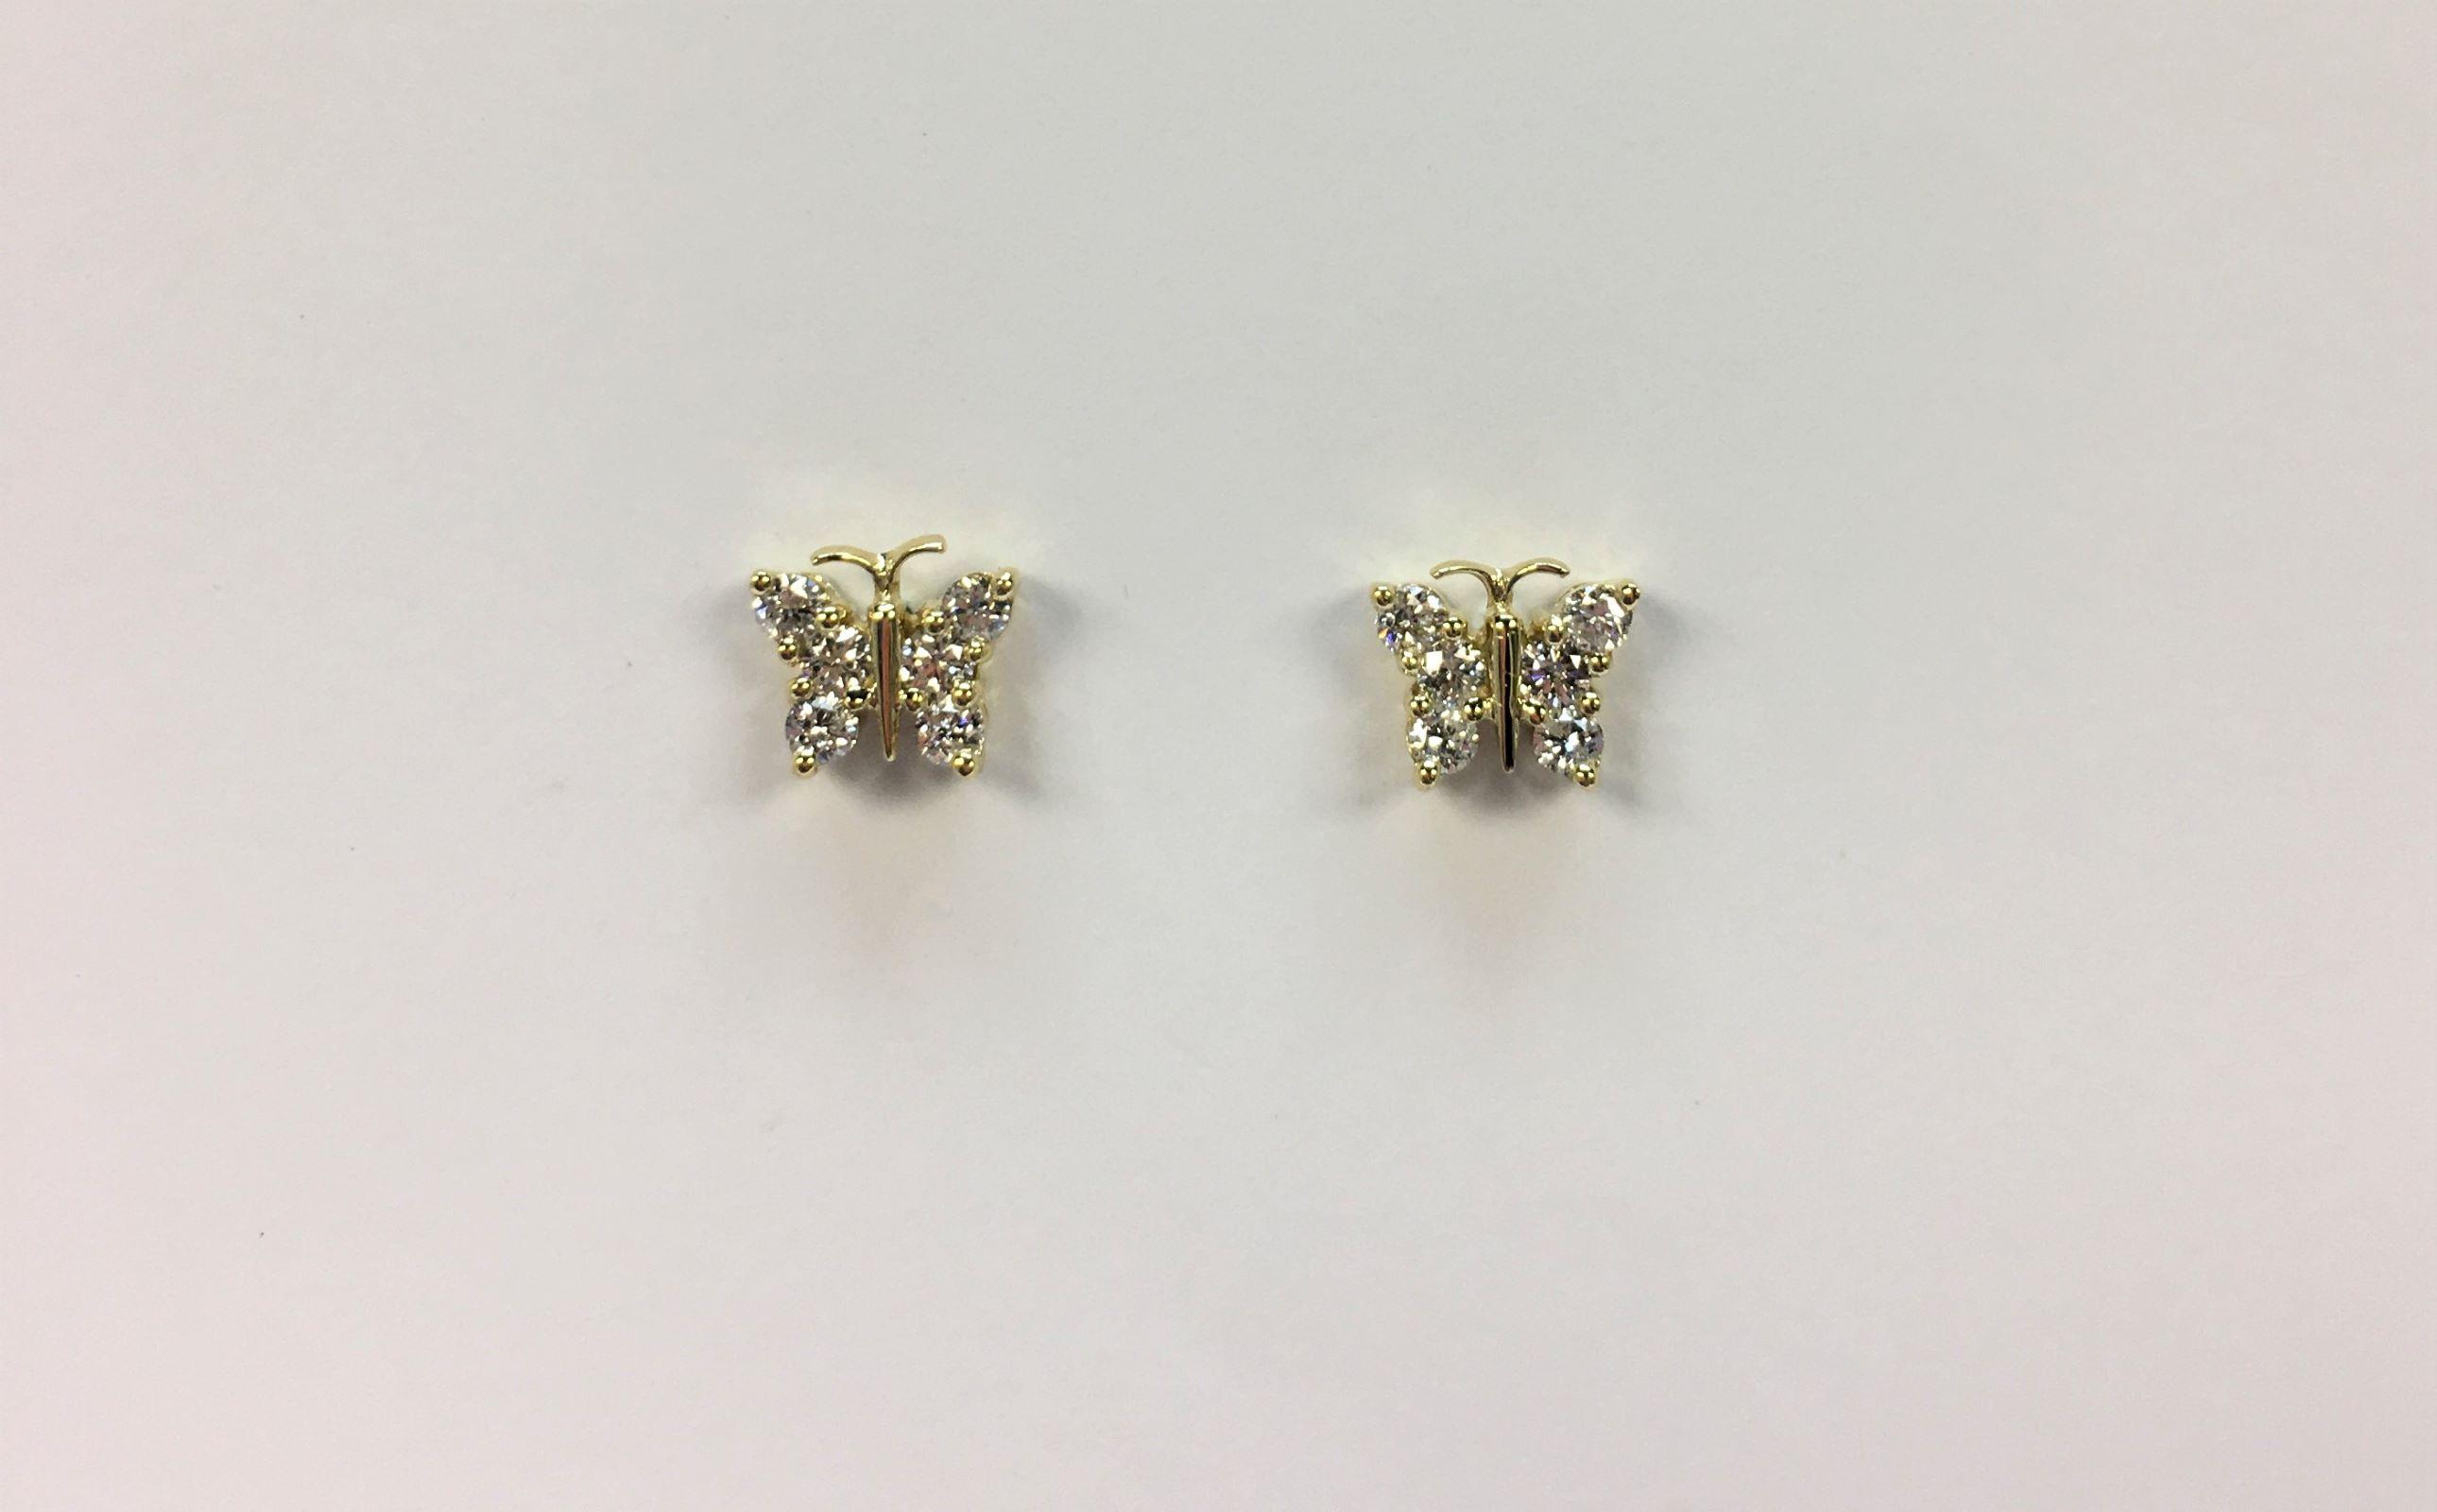 18K Yellow Gold Butterfly Diamond Earrings